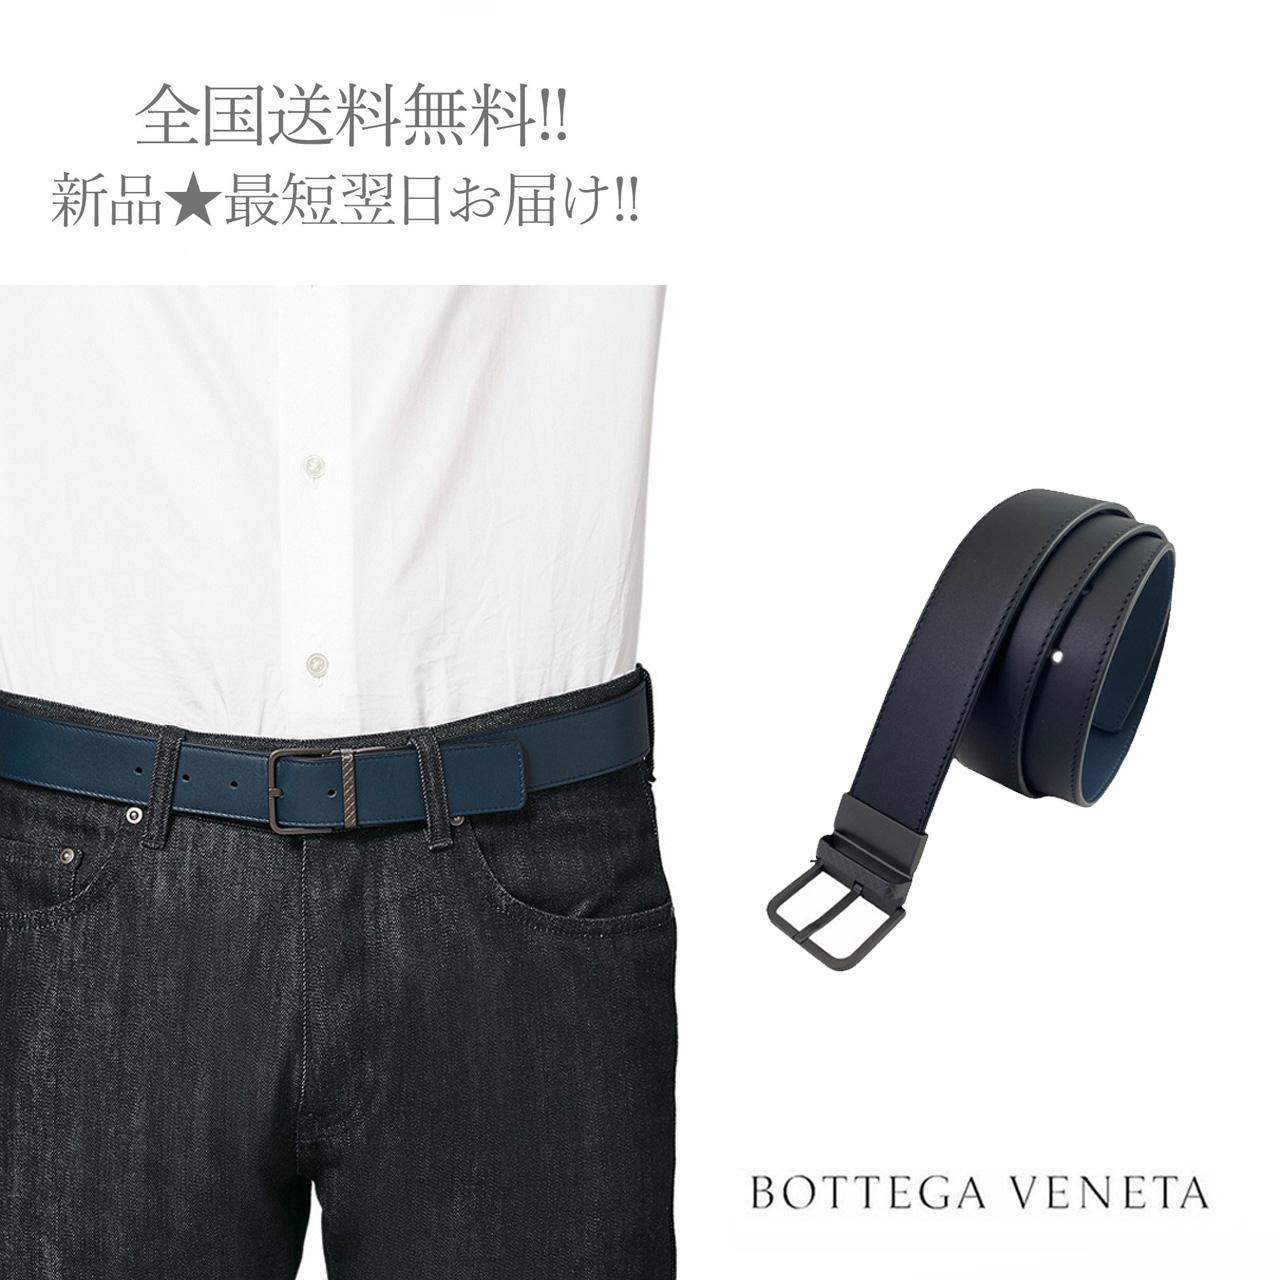 限定価格セール BOTTEGA VENETA ボッテガ ヴェネタ ベルト リバーシブル 直営ストア 2WAY VNカーフレザー イタリア製 新品 × ブラック デニム 男 95 1085 メンズ